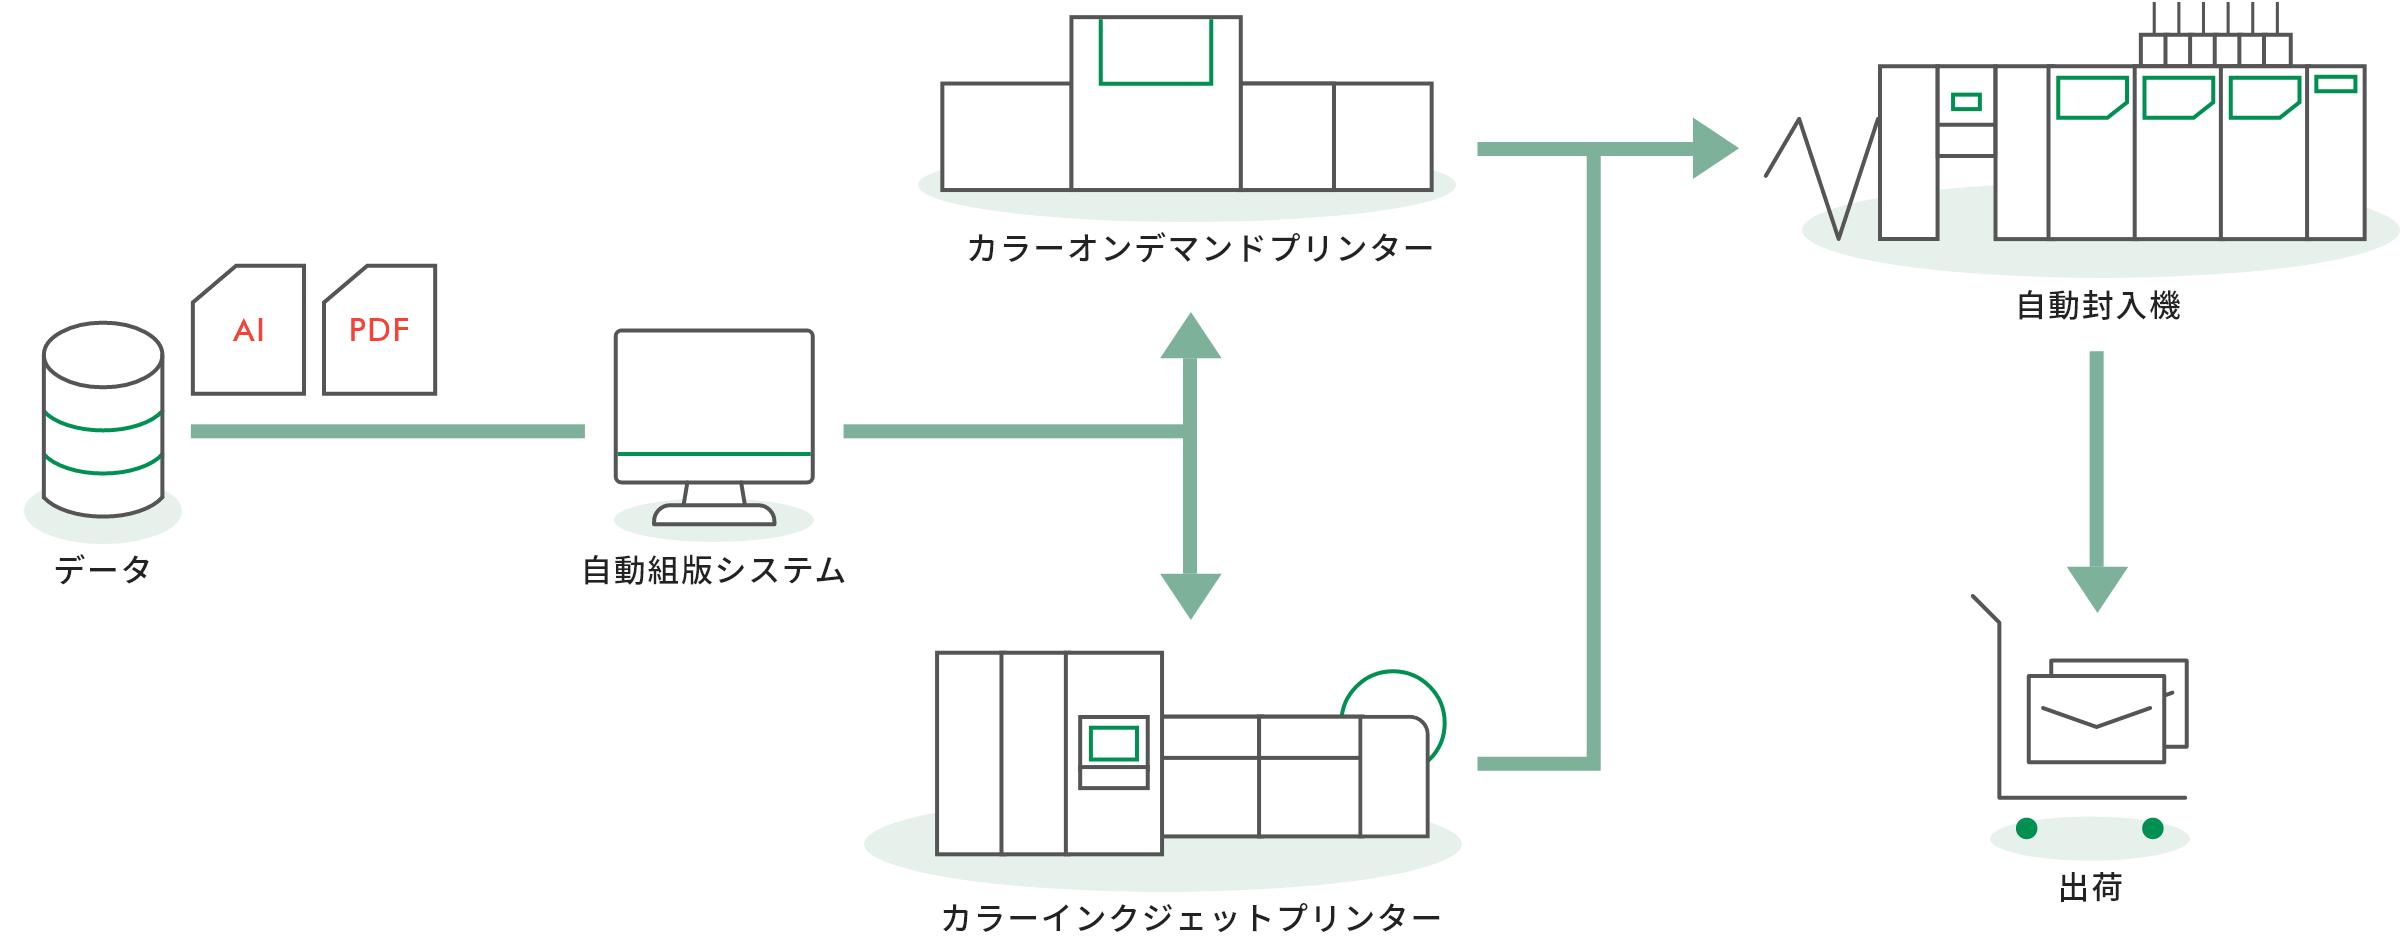 オンデマンド印刷のプロセス